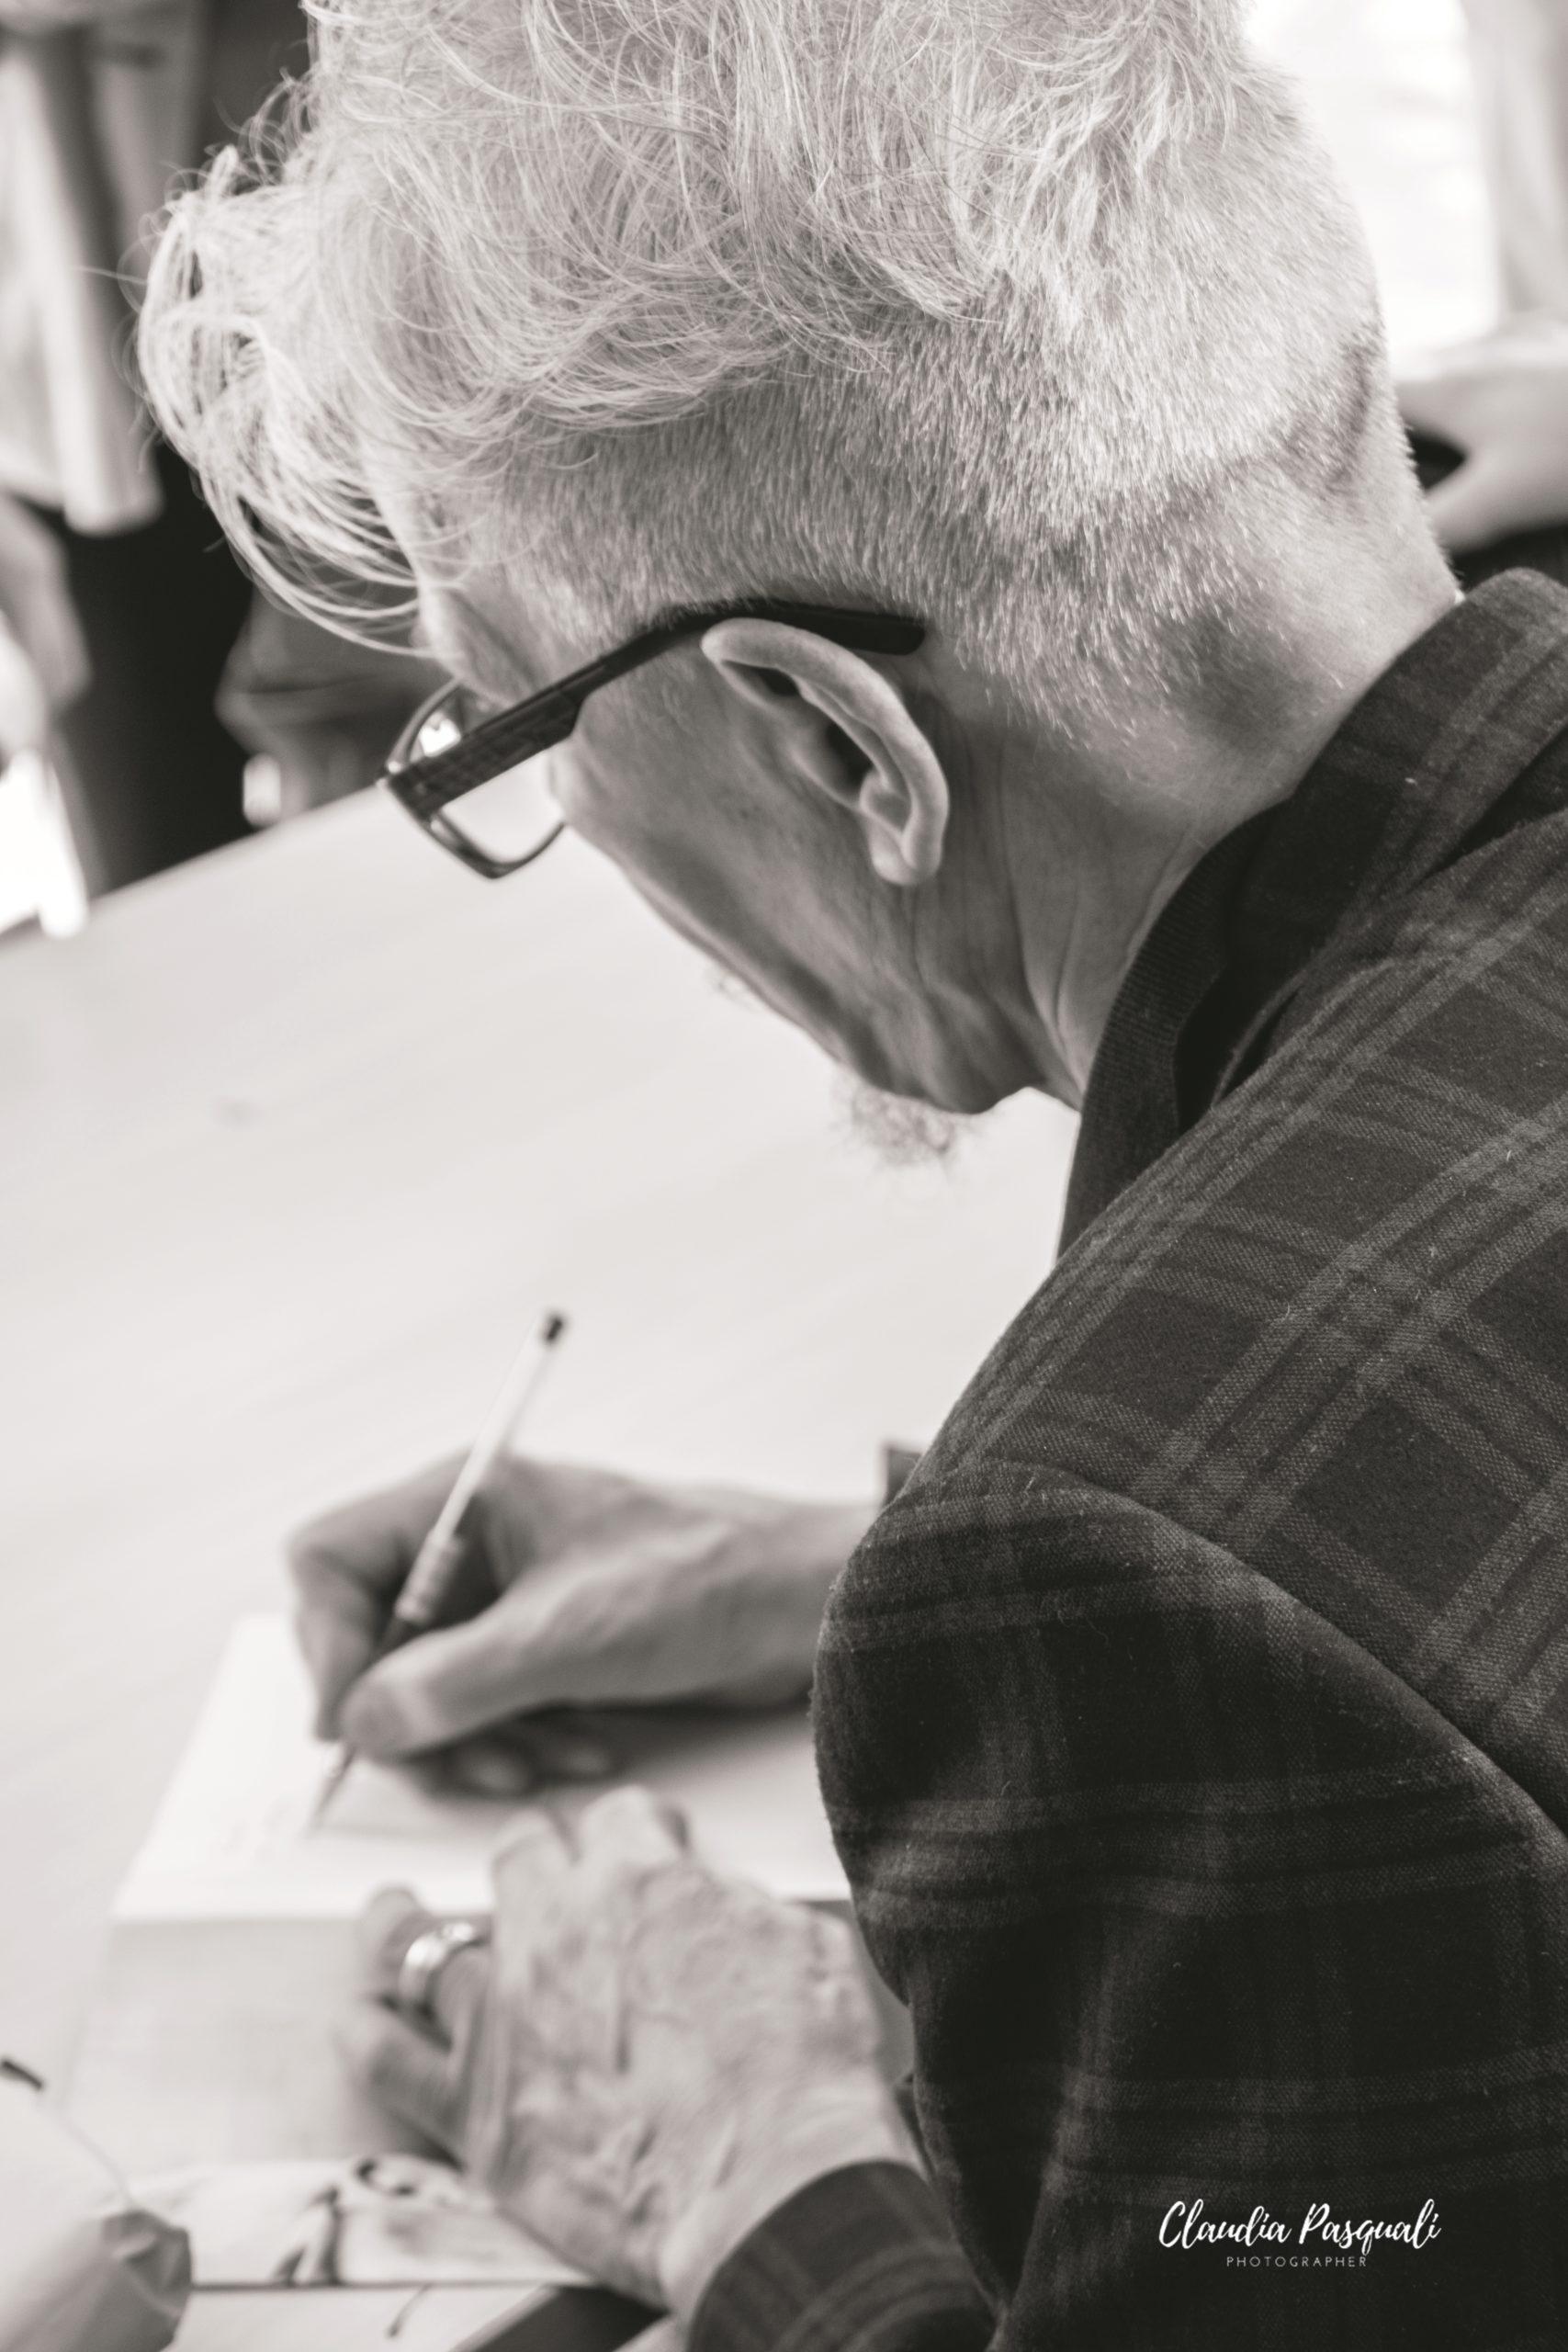 """Presentazione del libro """"Zona industriale"""" di Eduard Limonov presso il Salone del libro di Torino. Il firmacopie di Eduard Limonov."""